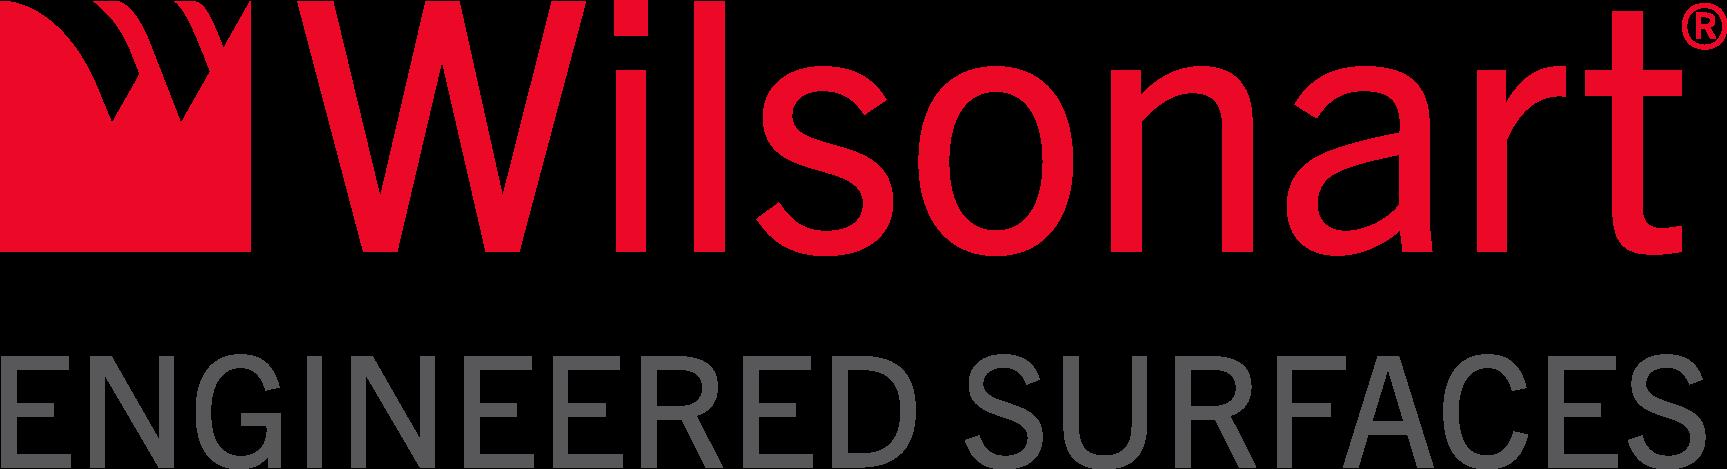 Wilsonart_logo-Wilsonart-ES-OUTLINE.png